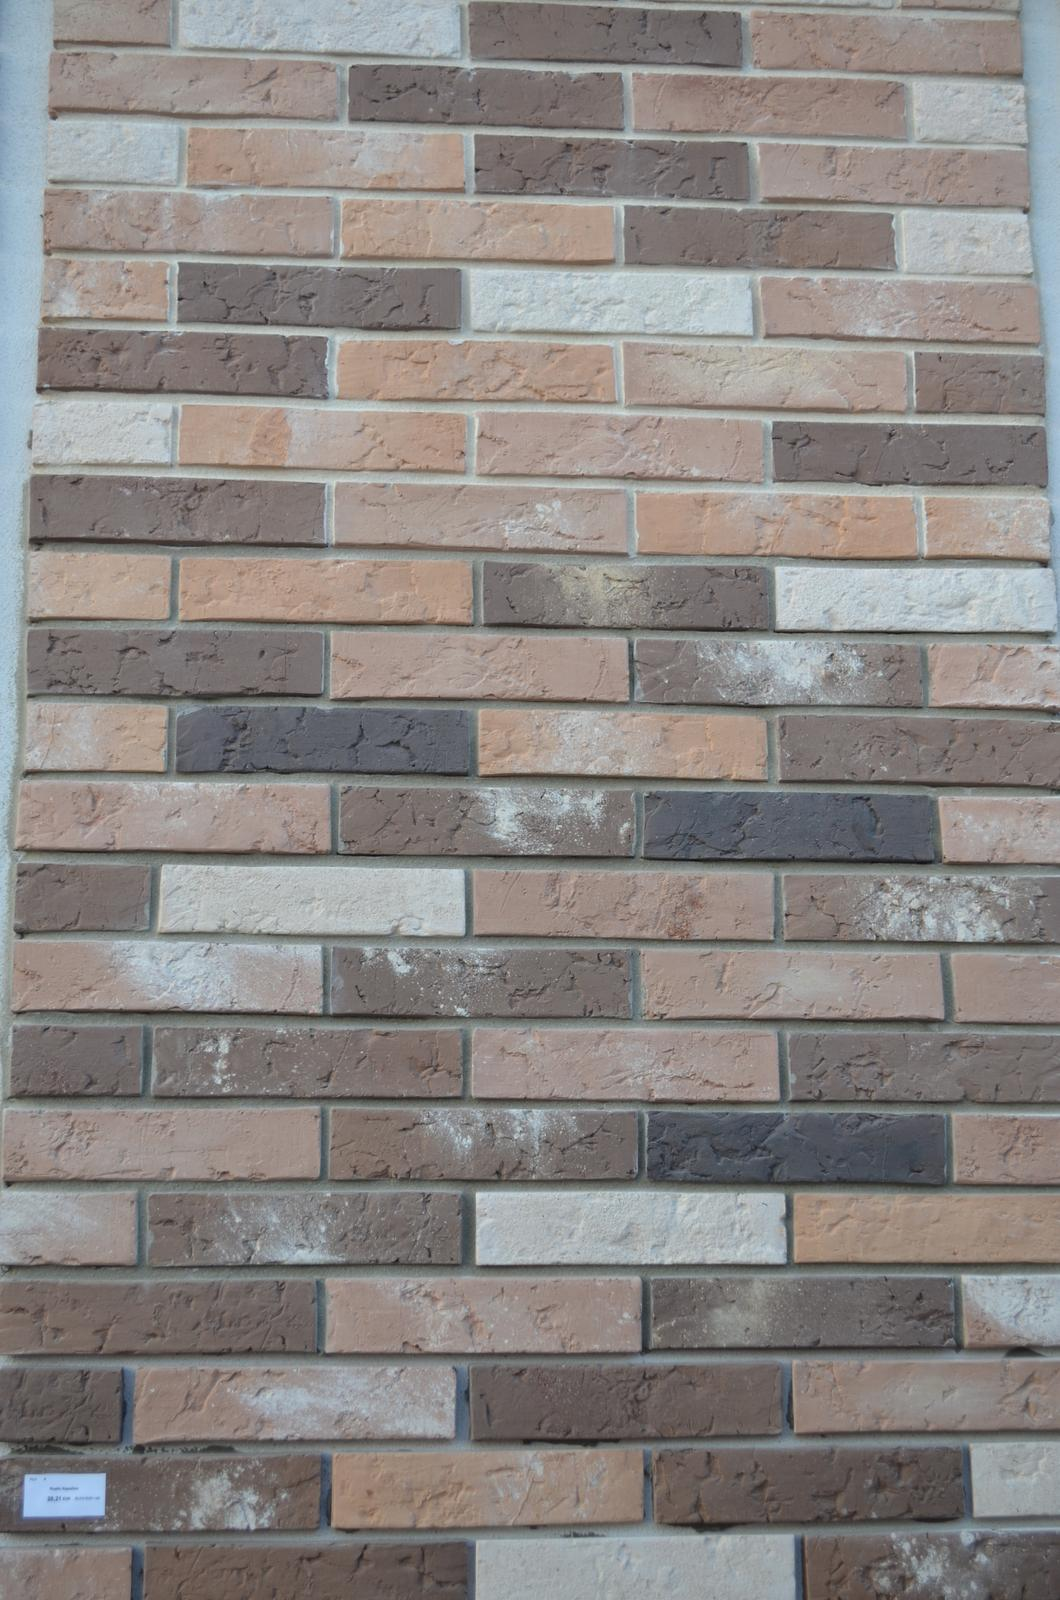 Kamenné i tehlové obklady - vzorový park fasádnych obkladov OPOJ - kapučino, bielobéžová a šedá špárovka